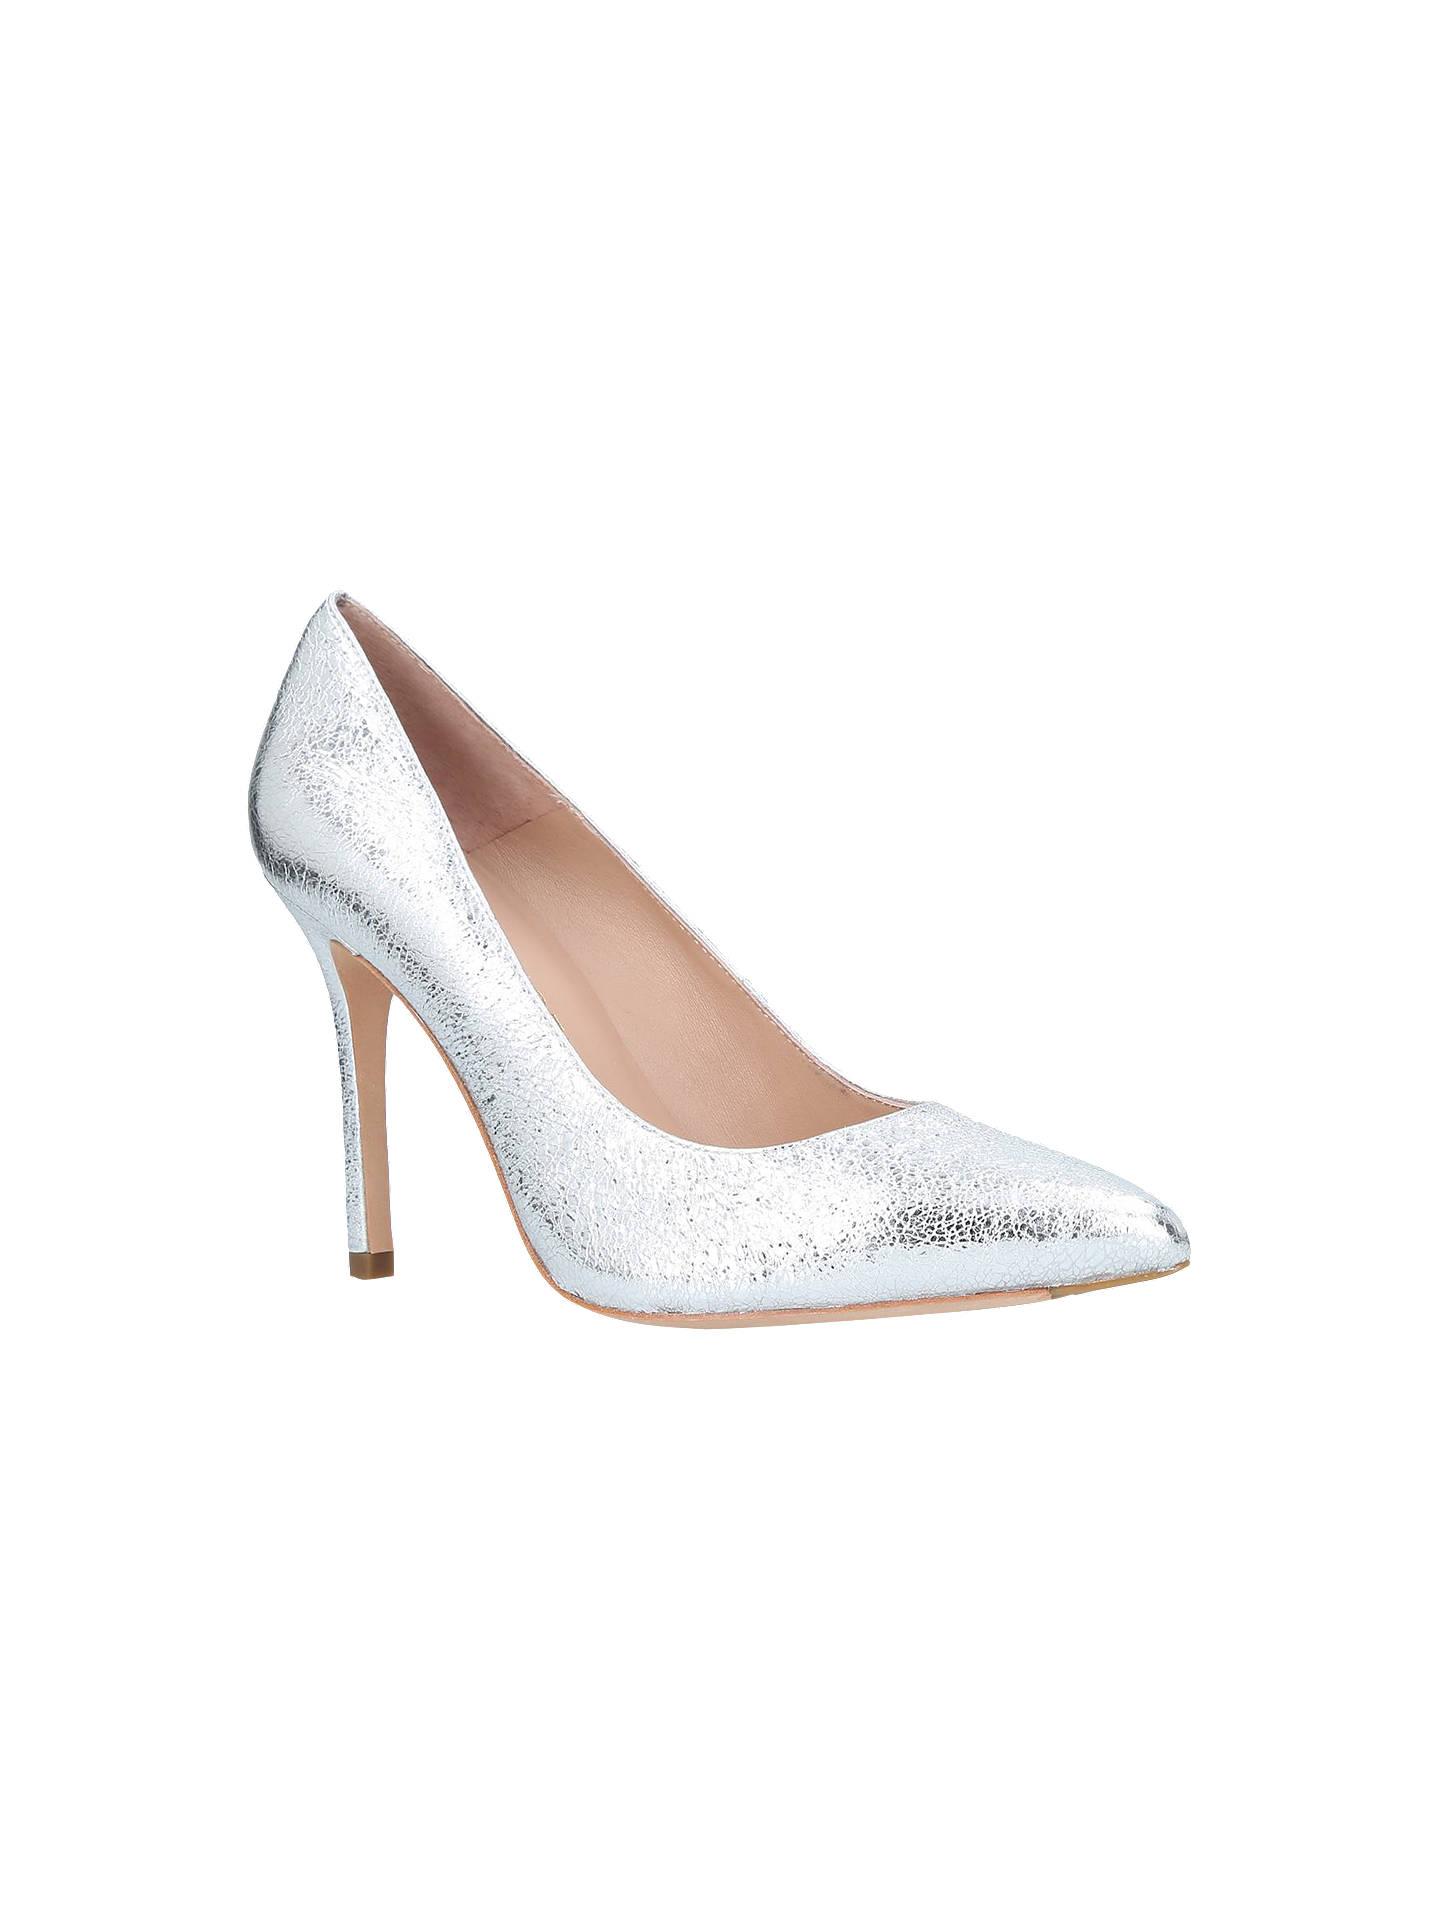 08caa2e80cb Kurt Geiger London Brompton High Heel Court Shoes, Silver at John ...